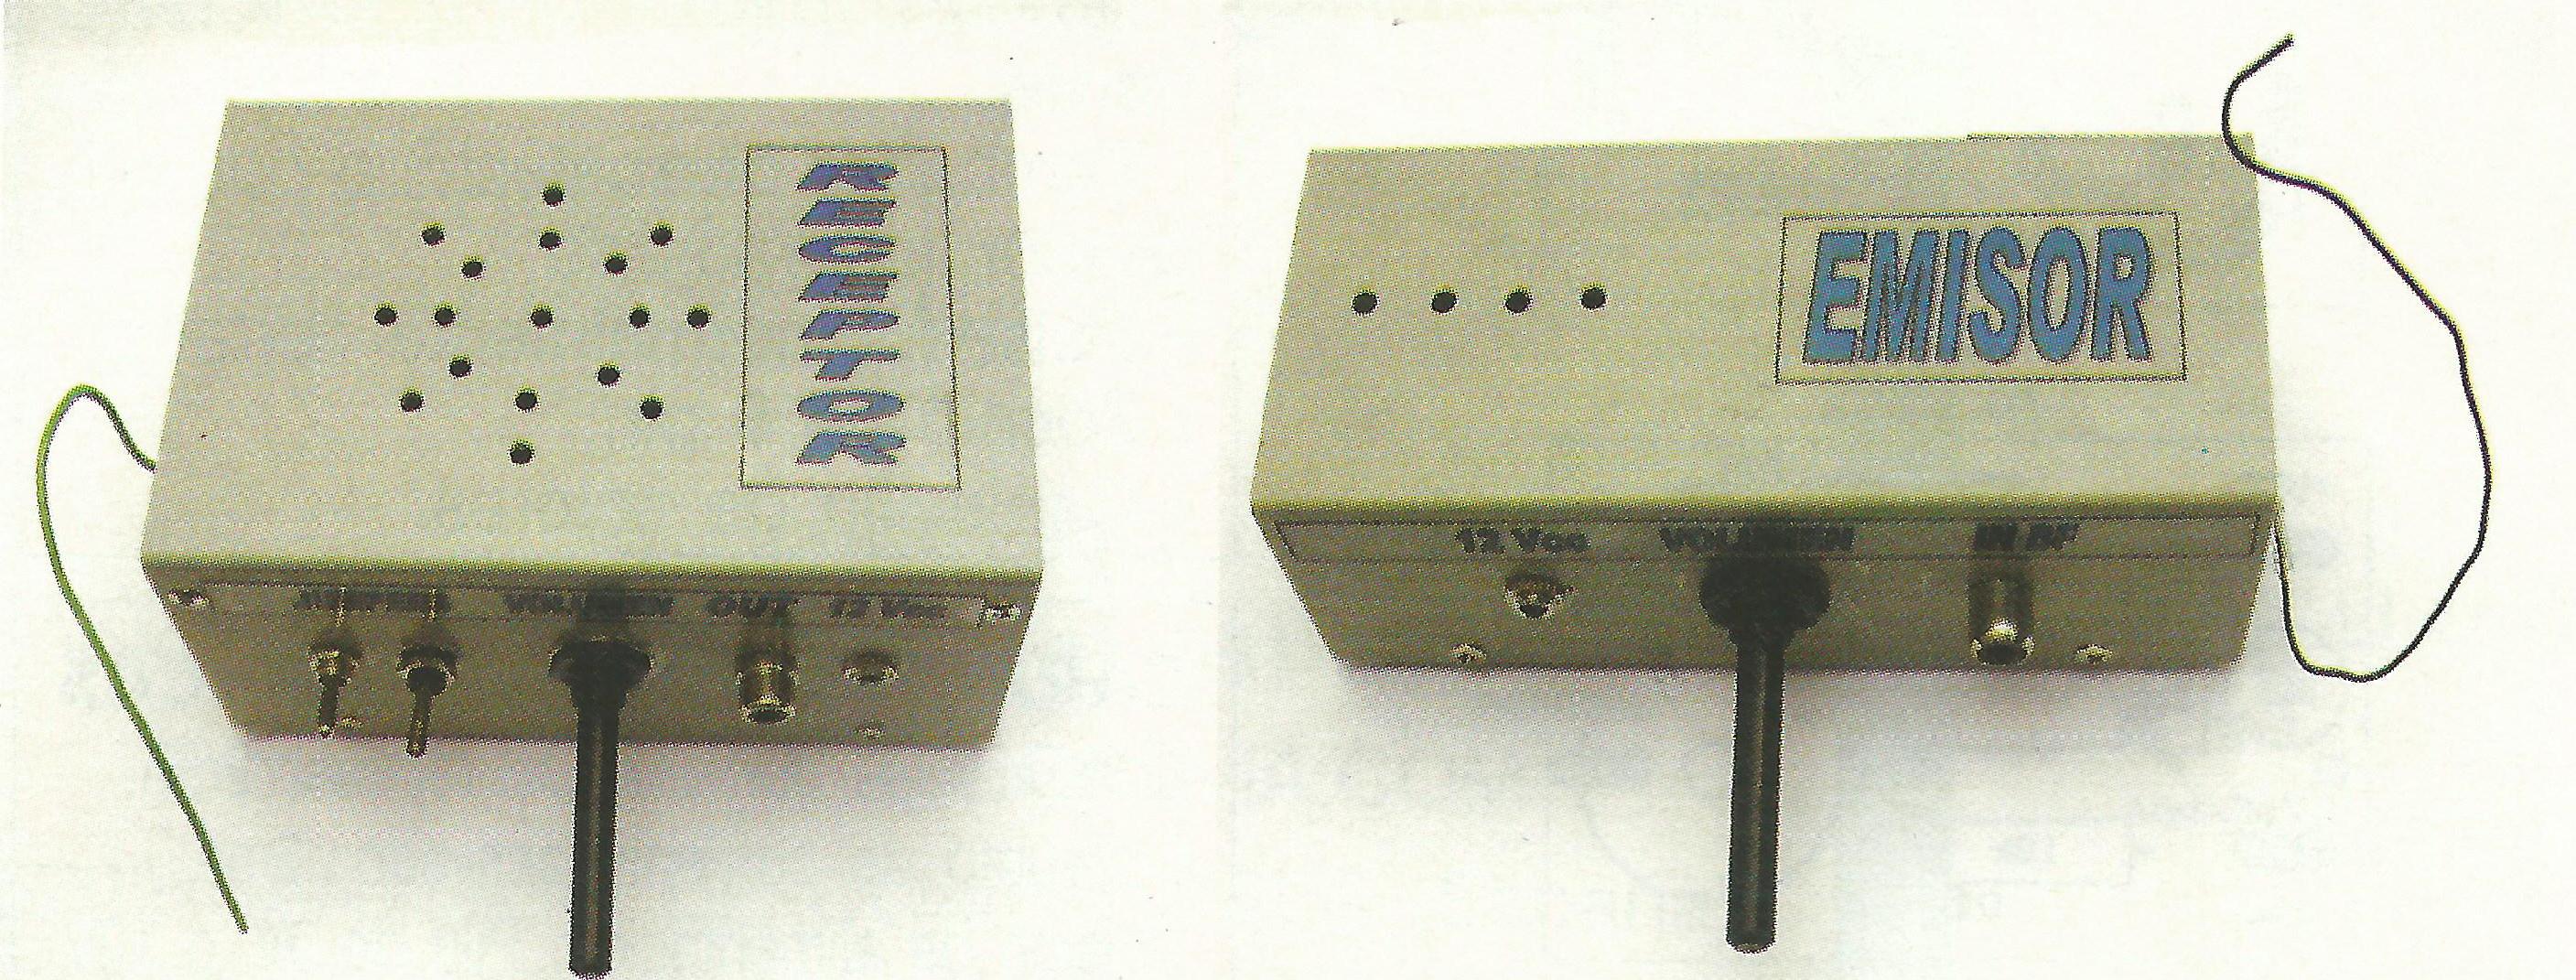 Circuito Emisor Receptor : Emisor y receptor para radiodifusión en fm a mhz de